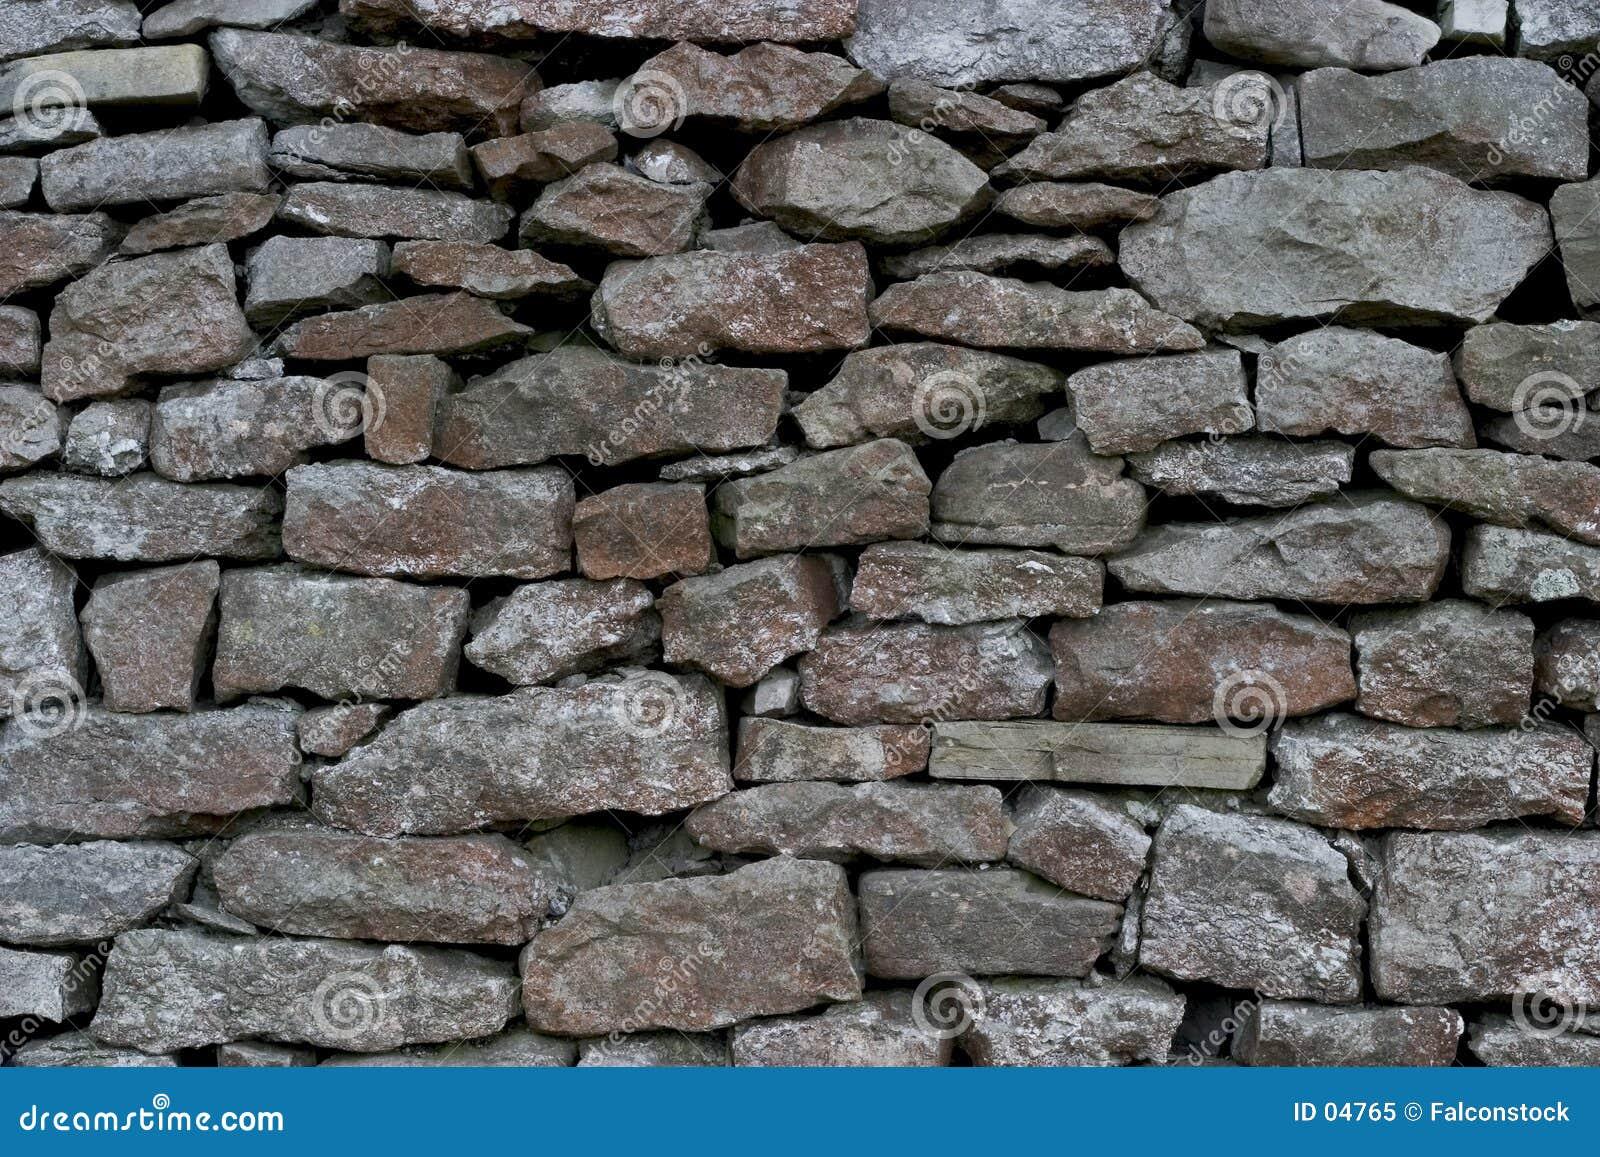 Mur de pierres sèches - pierre à chaux